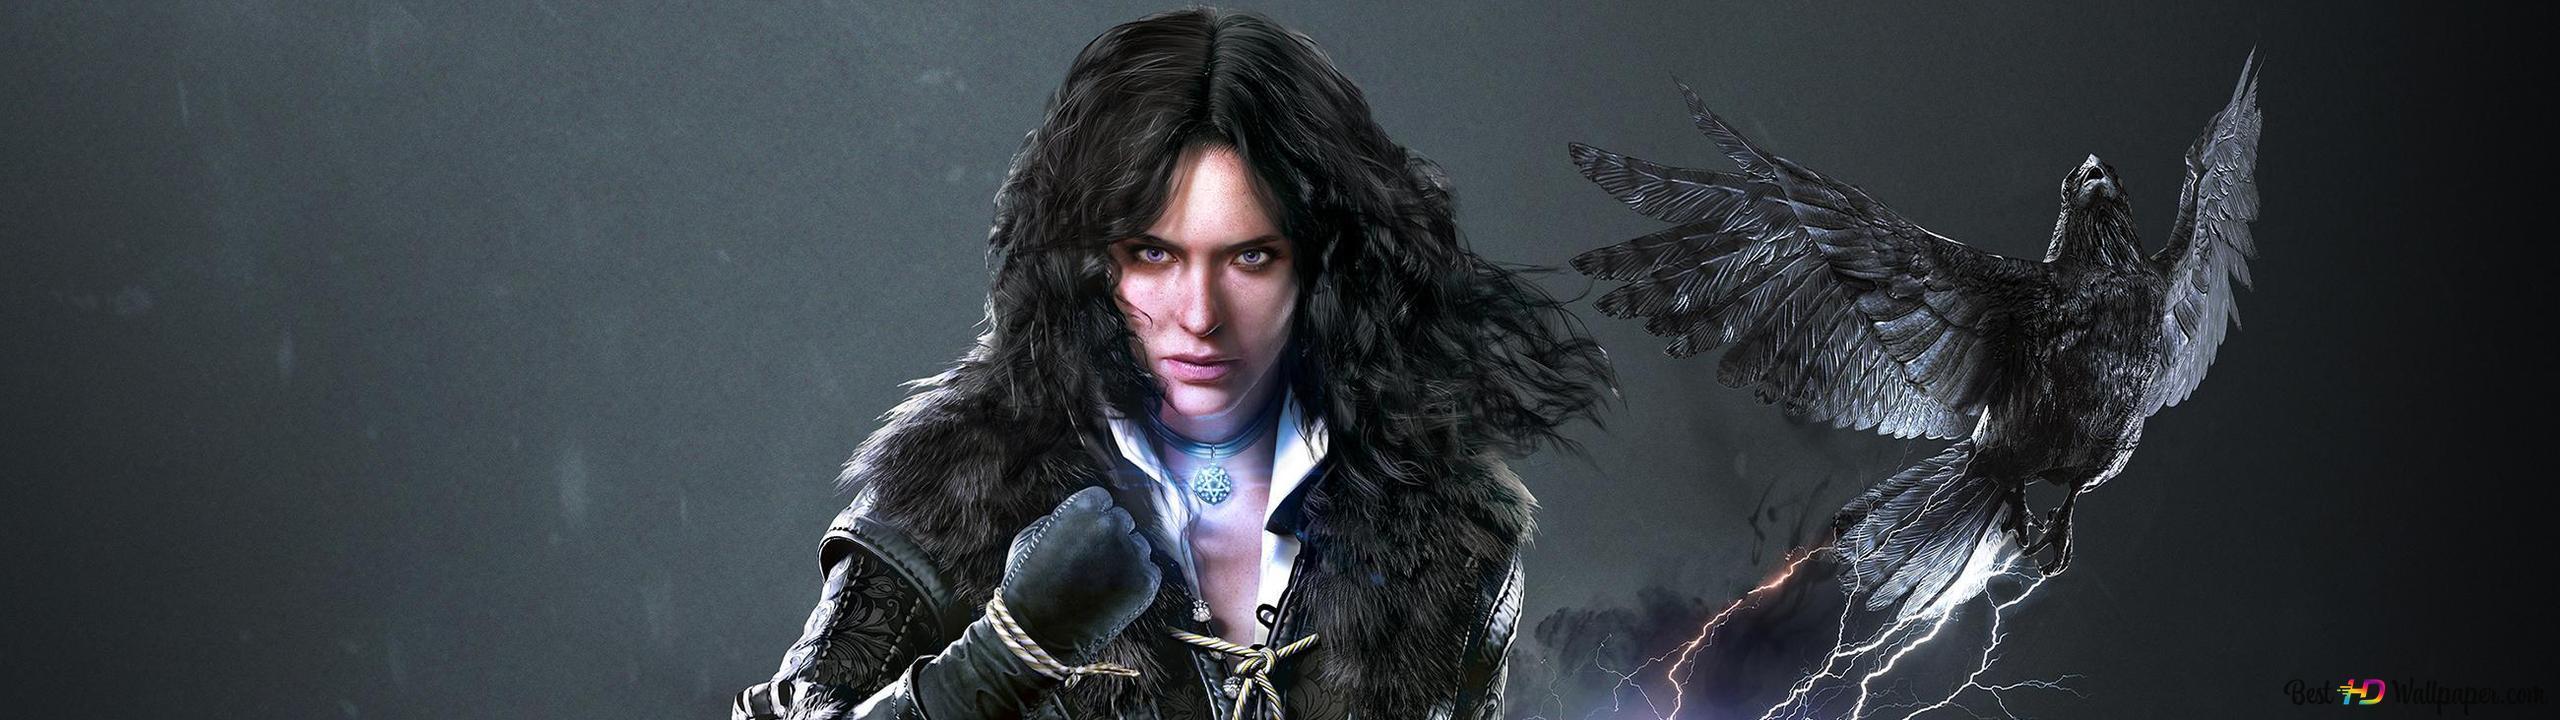 Descargar Fondo De Pantalla The Witcher 3 Wild Hunt